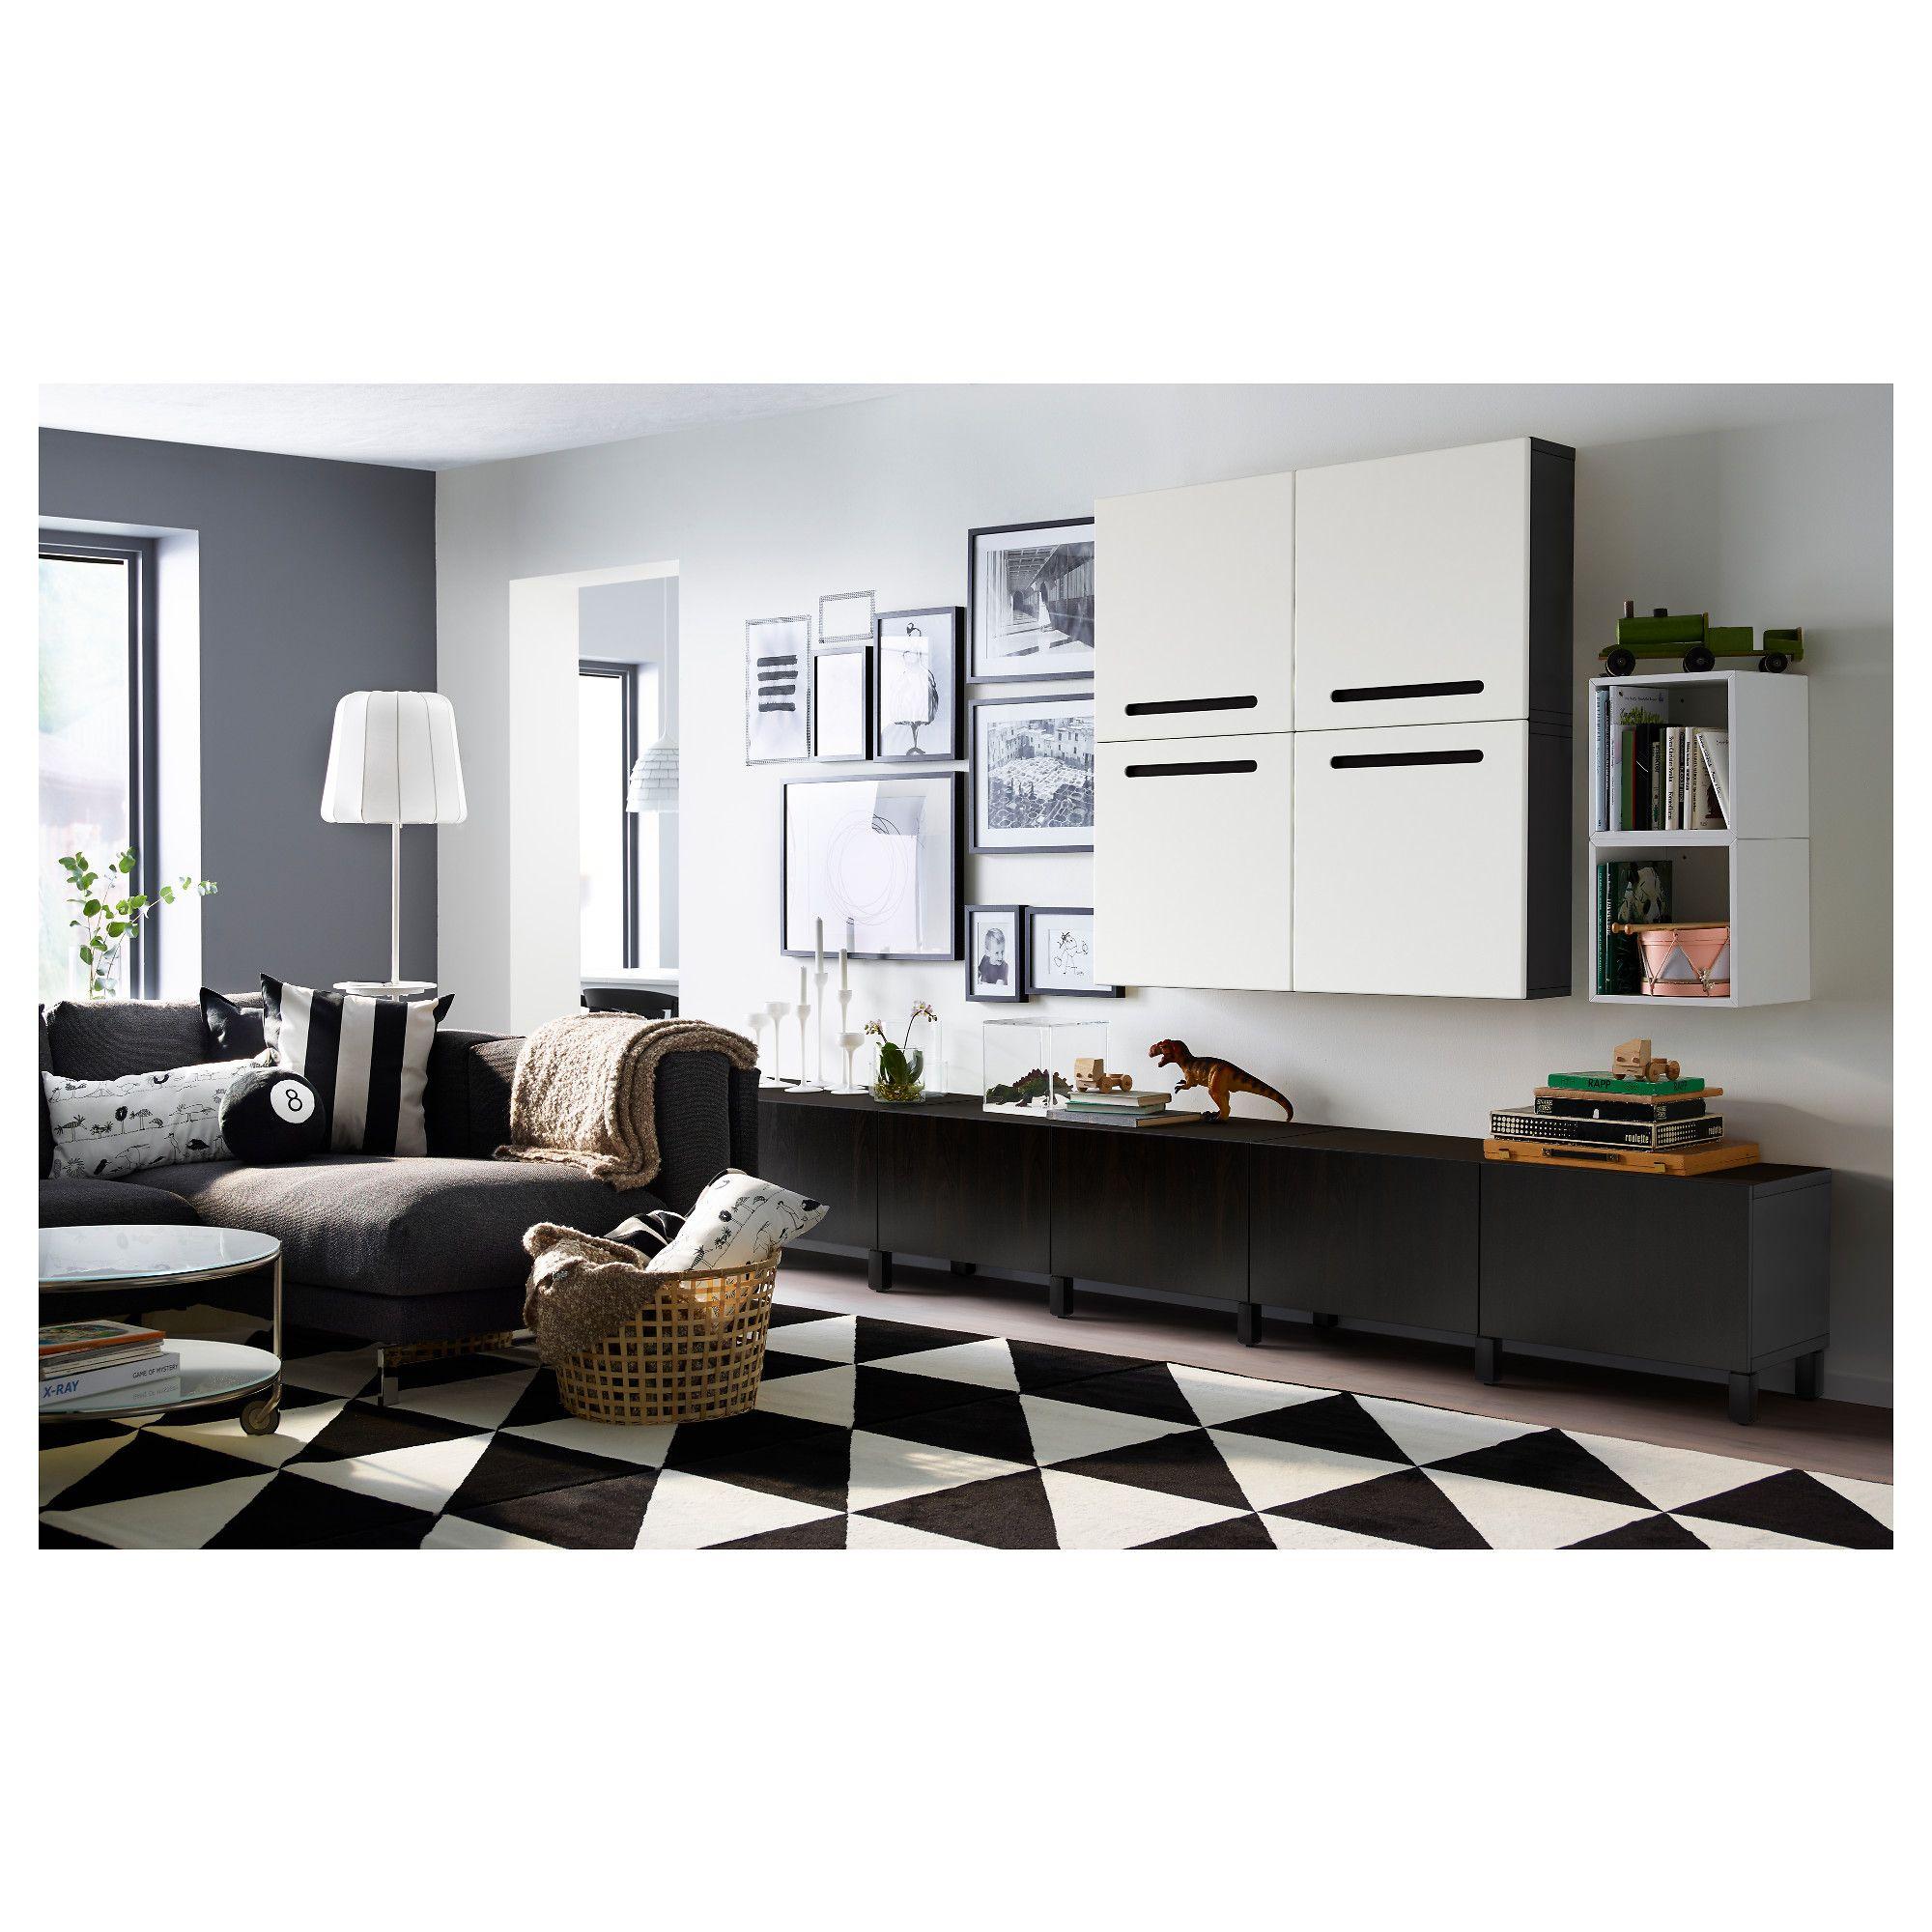 e5cd9b4f356542f65f4b9423399e8dbf Impressionnant De Table Gigogne Ikea Concept